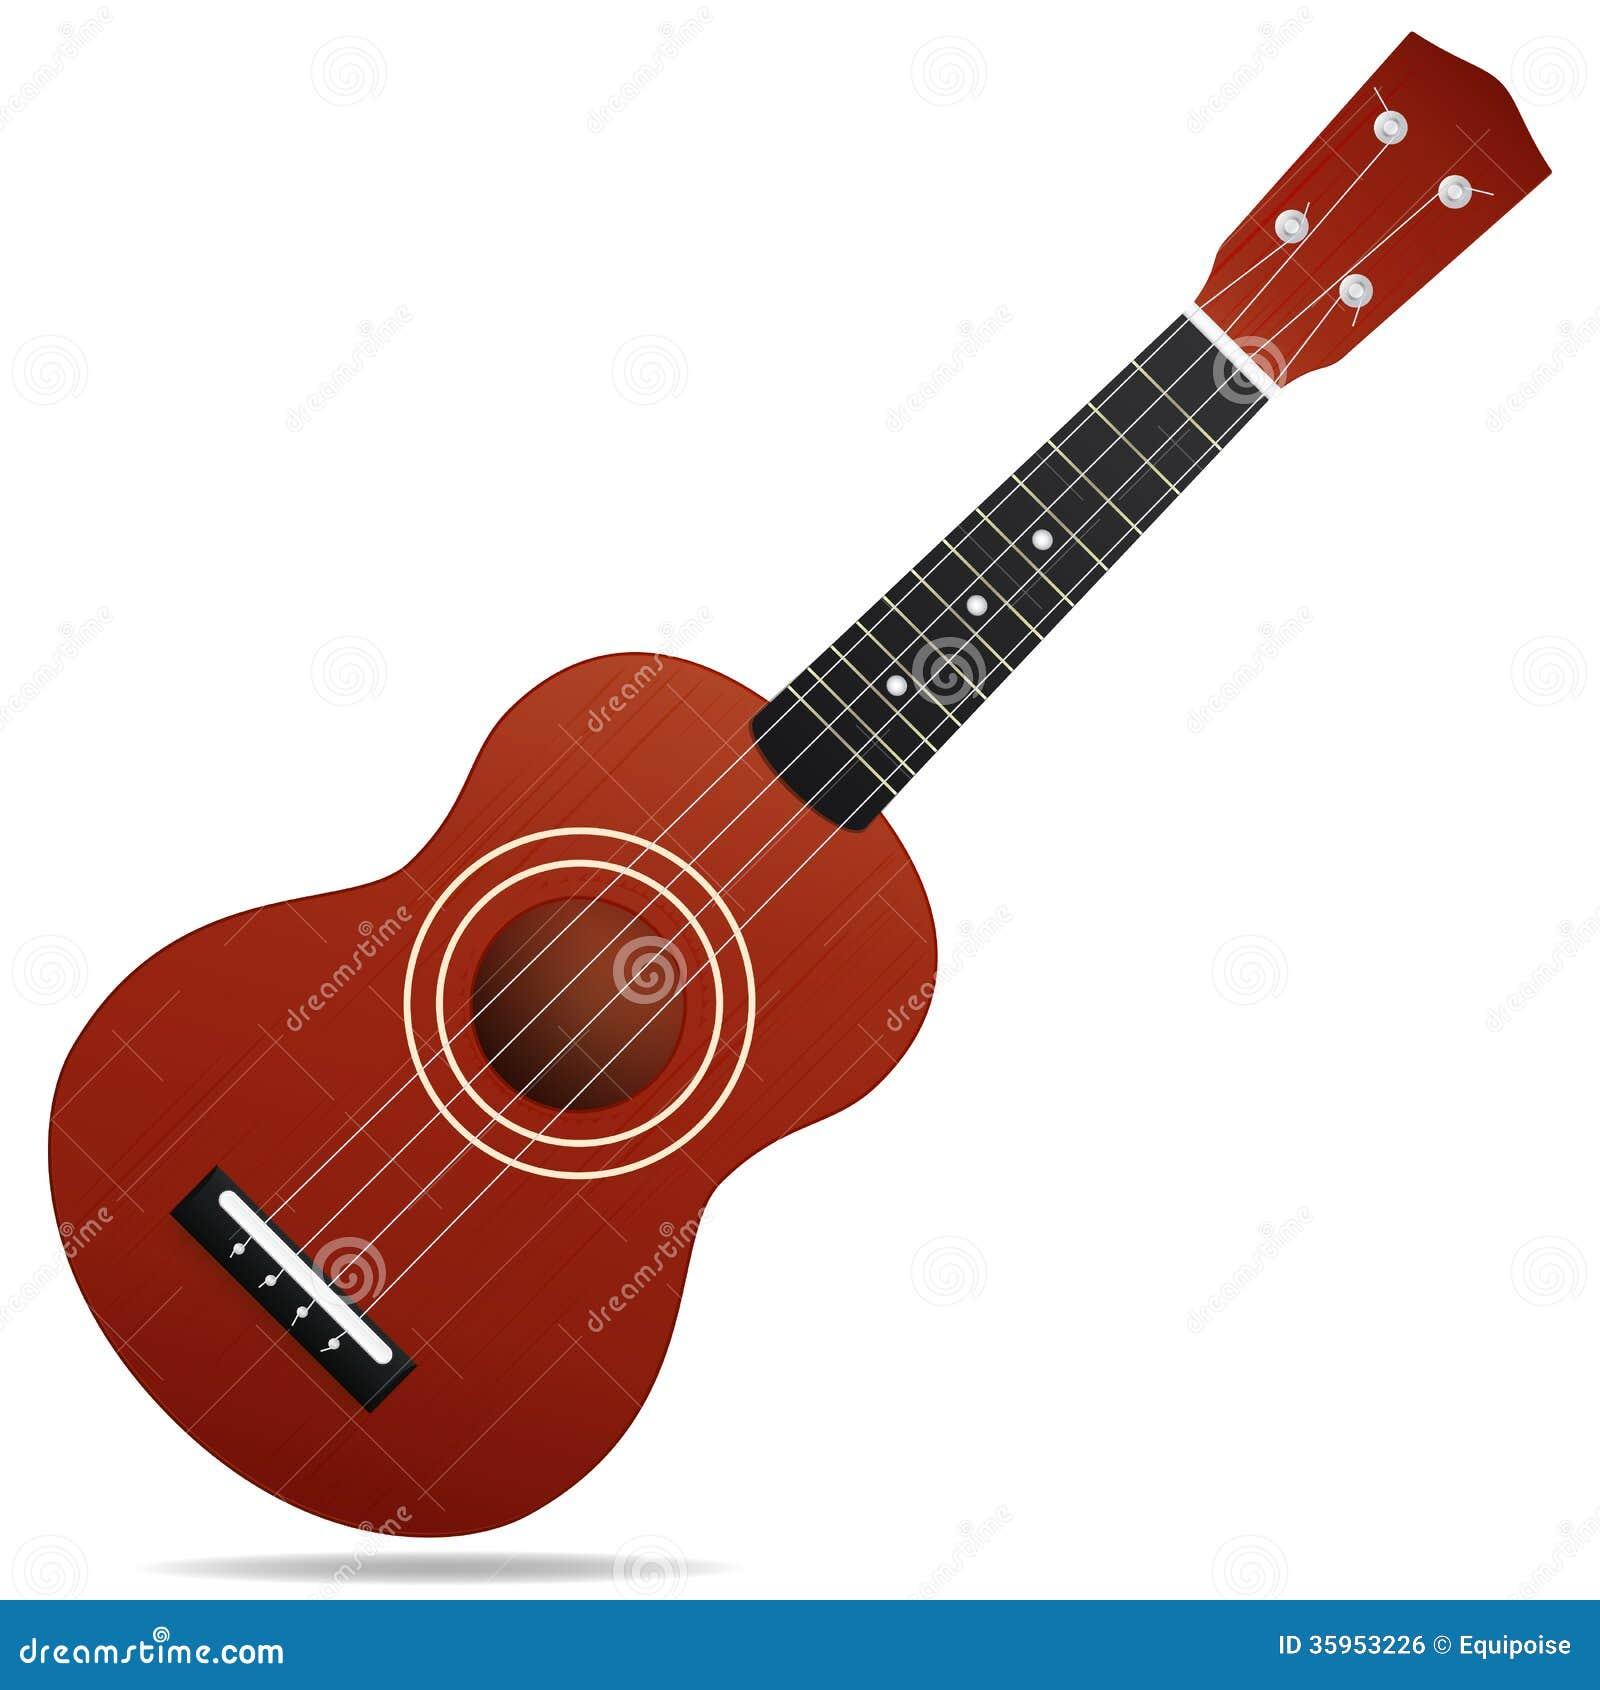 Acoustic Ukulele (guitar) Royalty Free Stock Image - Image: 35953226